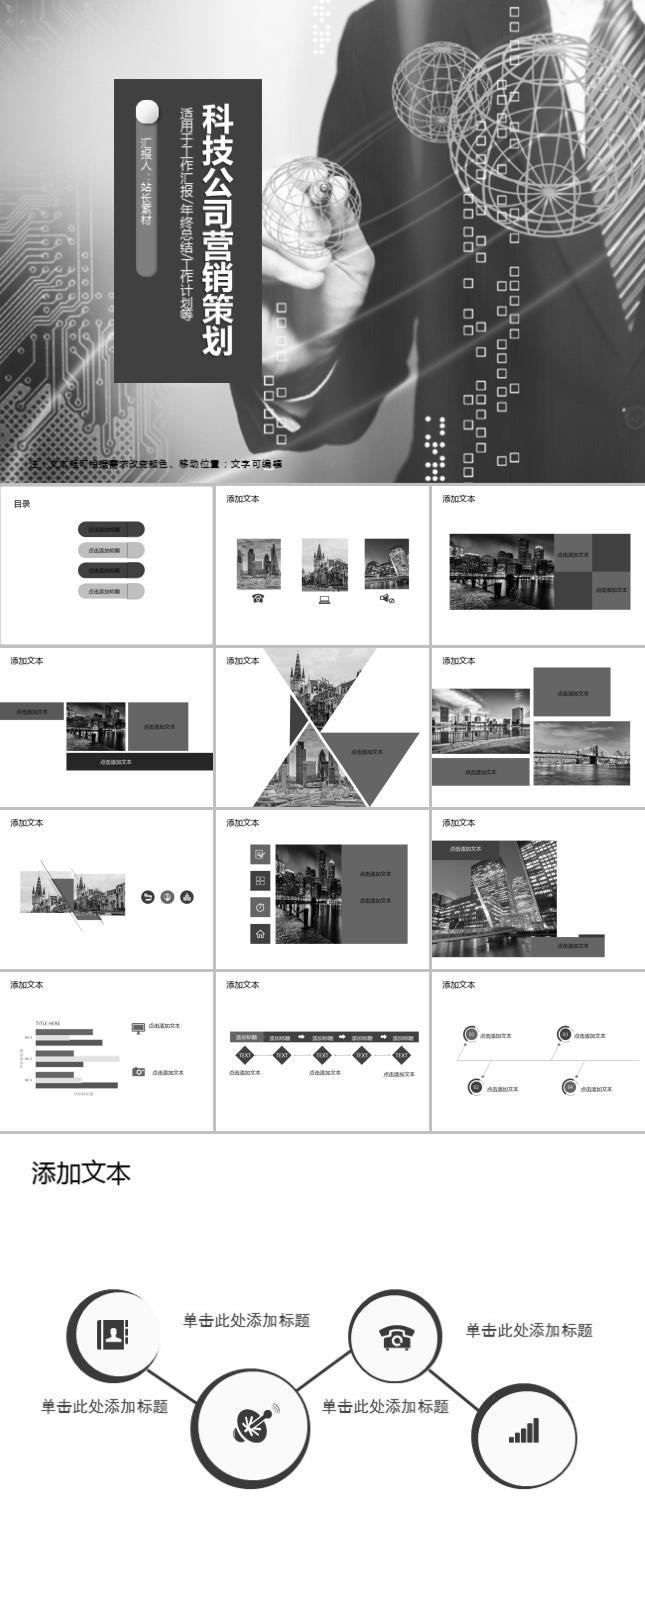 科技公司营销策划PPT模板